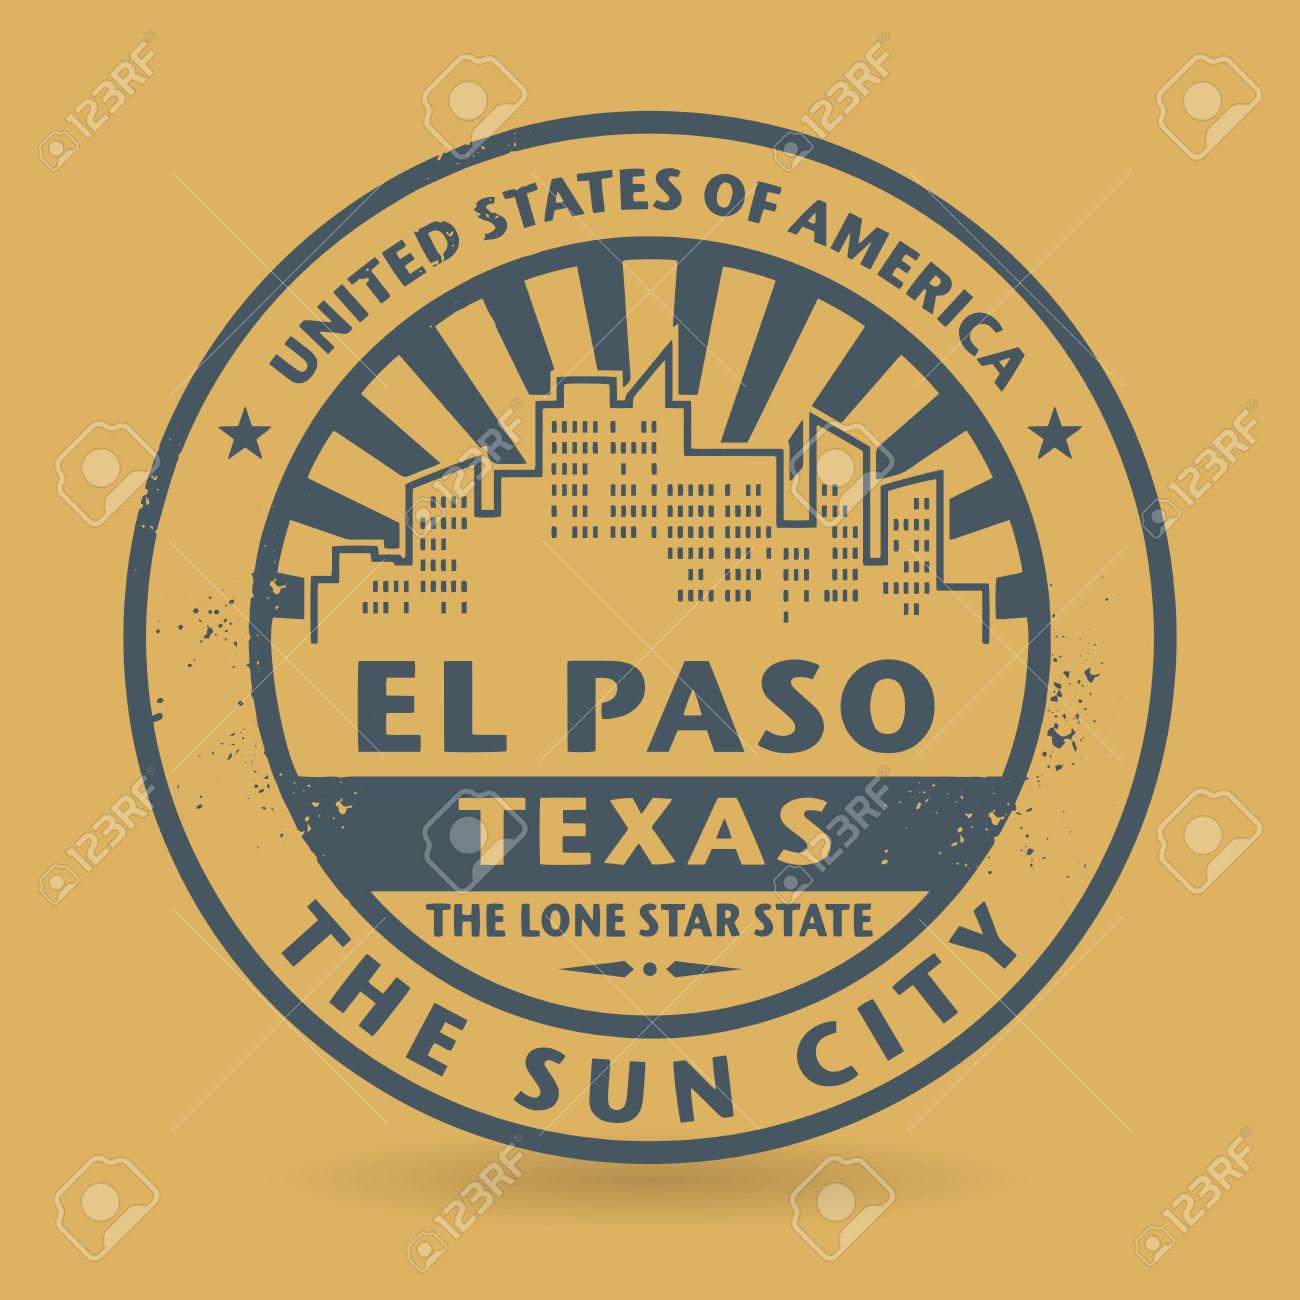 146 El Paso Stock Vector Illustration And Royalty Free El Paso Clipart.